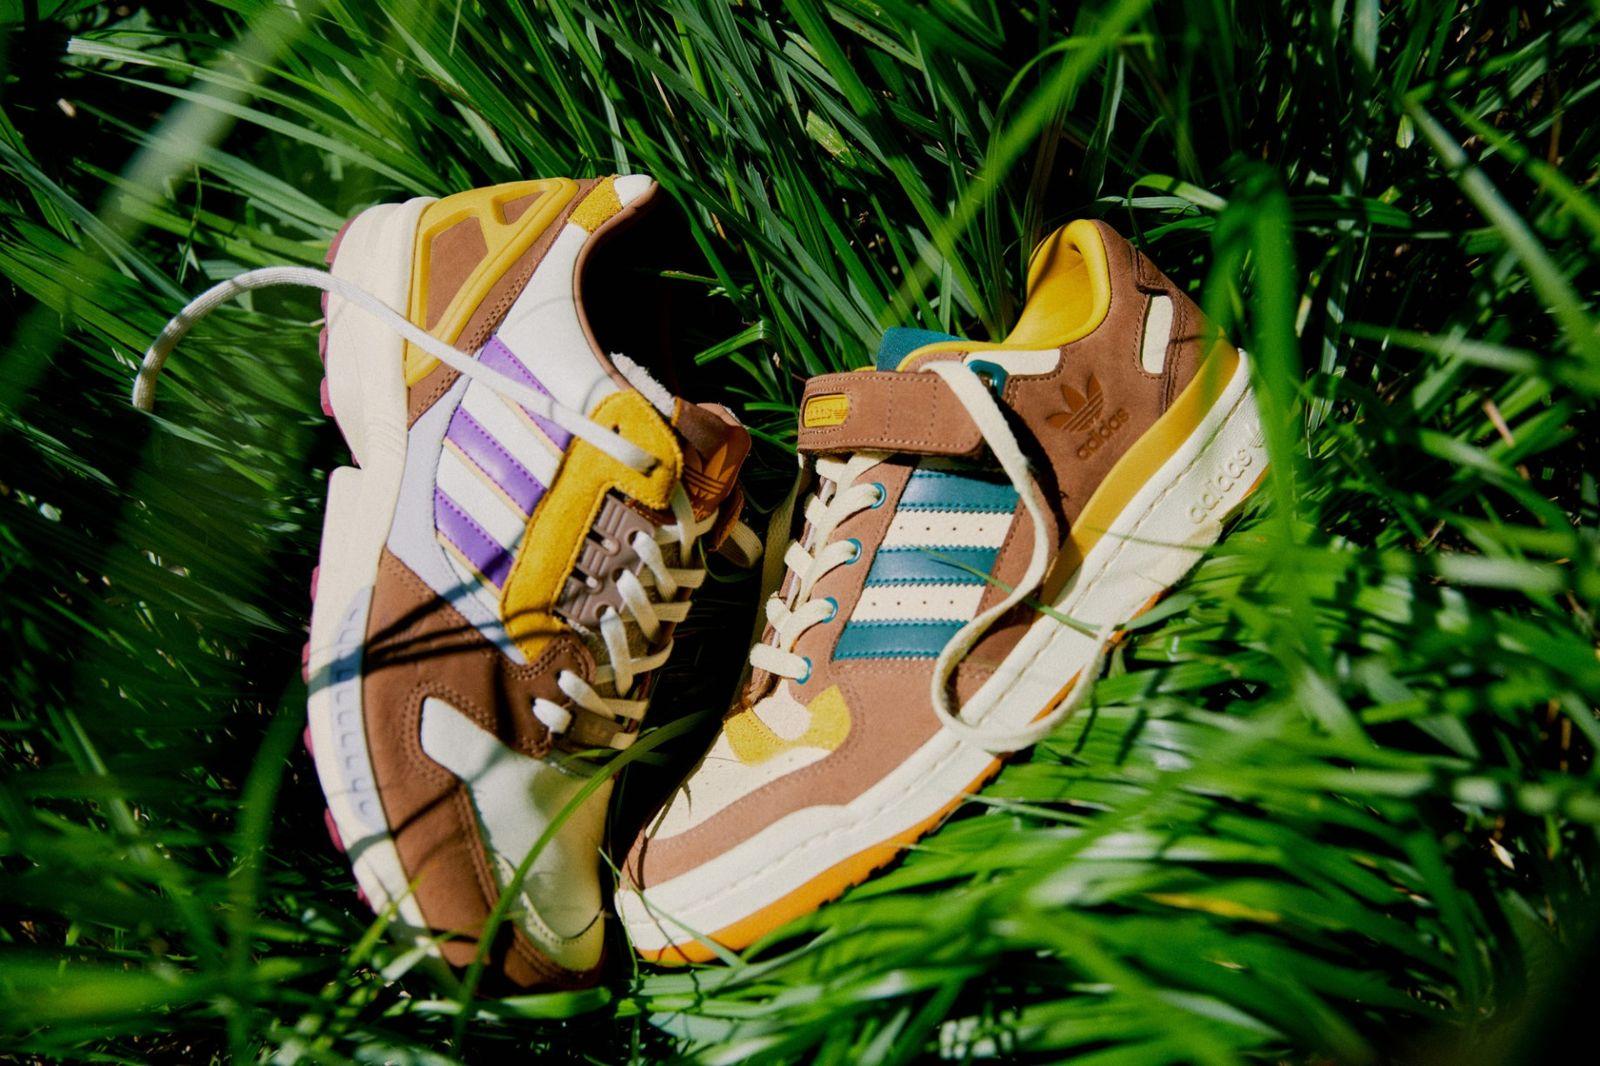 adidas-originals-atmos-yoyogi-park-pack-lb-1